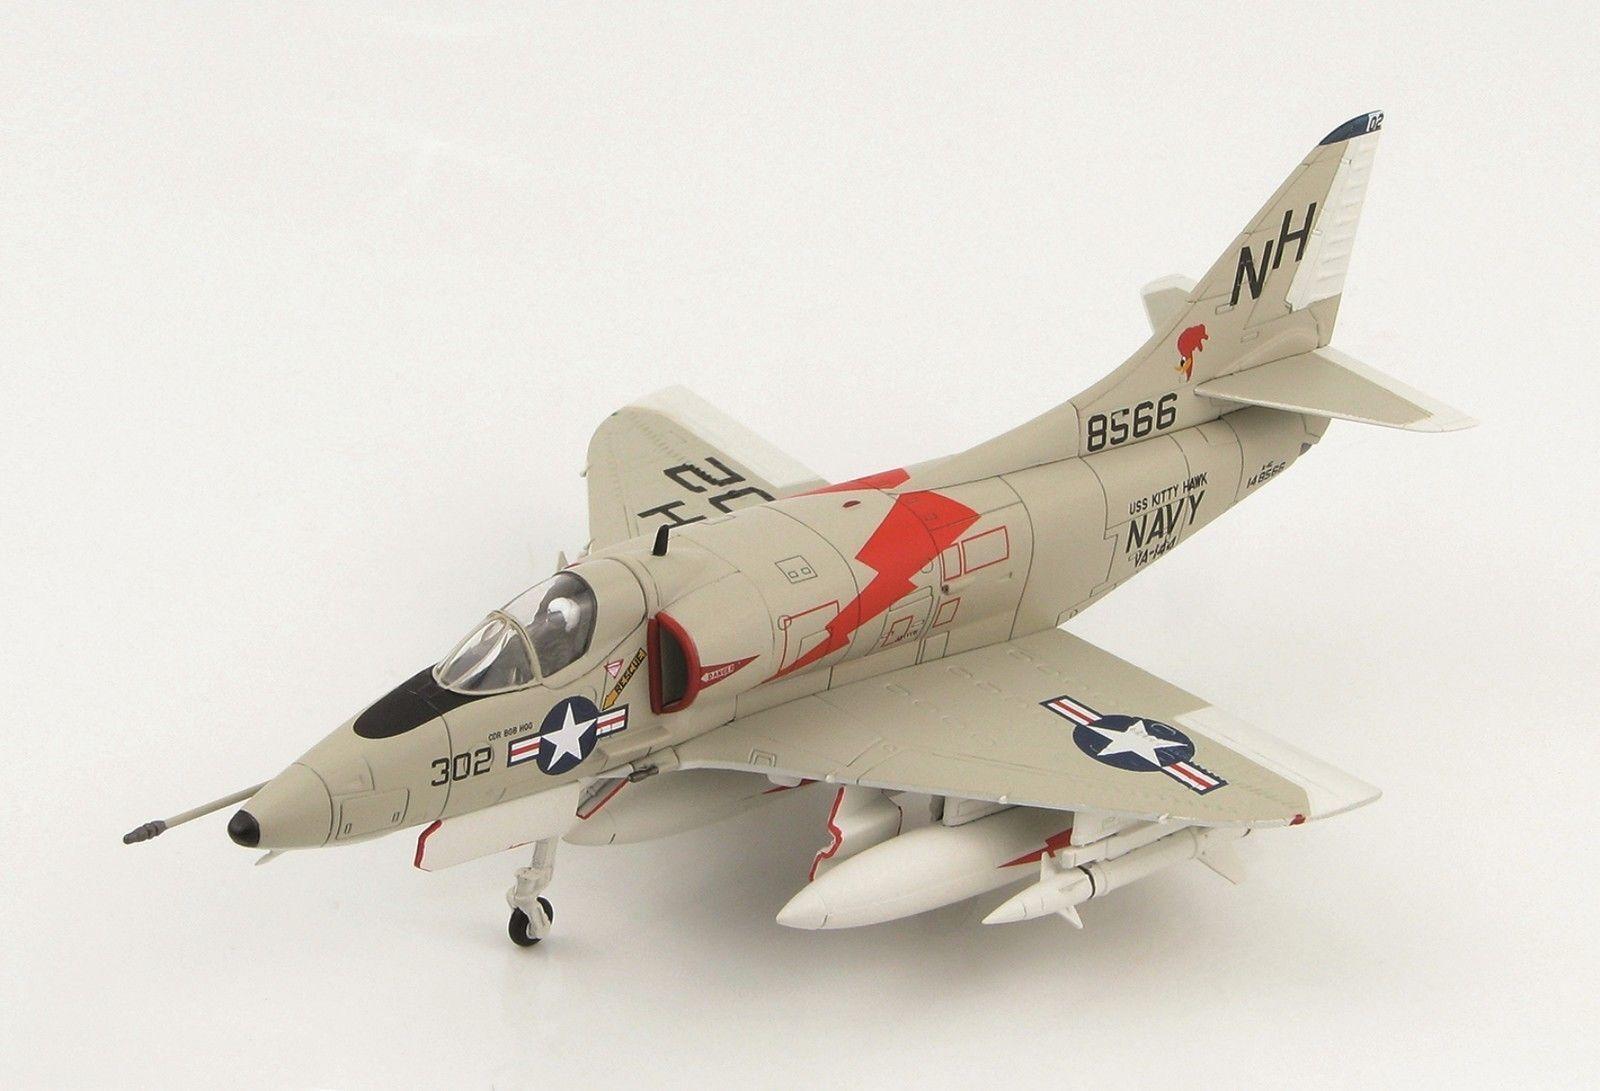 Hobby - meister 1   72 us - a-4c skyhawk 148566, va-144  wegekuckucke , uss kitty hawk